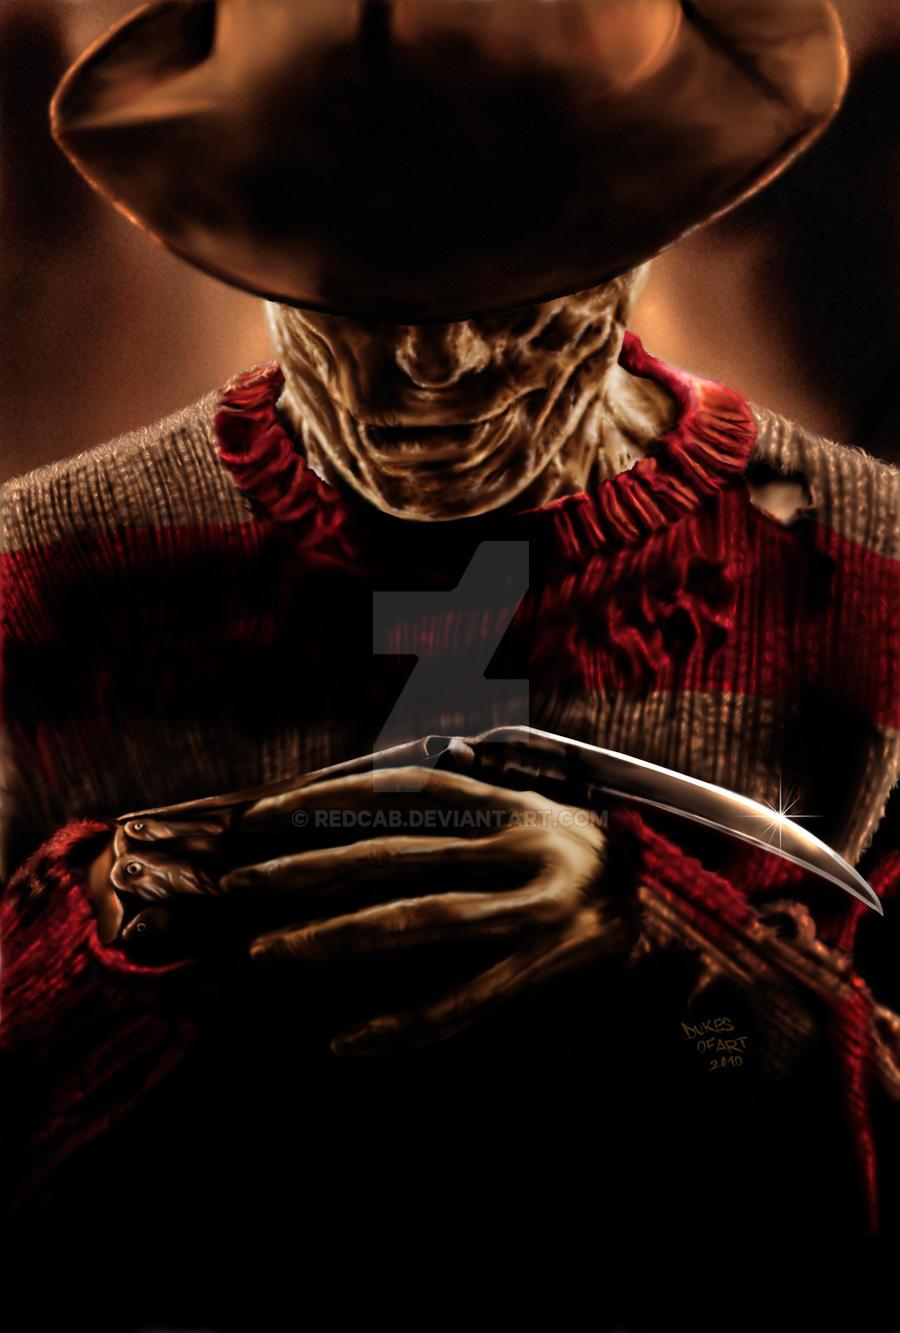 Freddy Krueger By Redcab